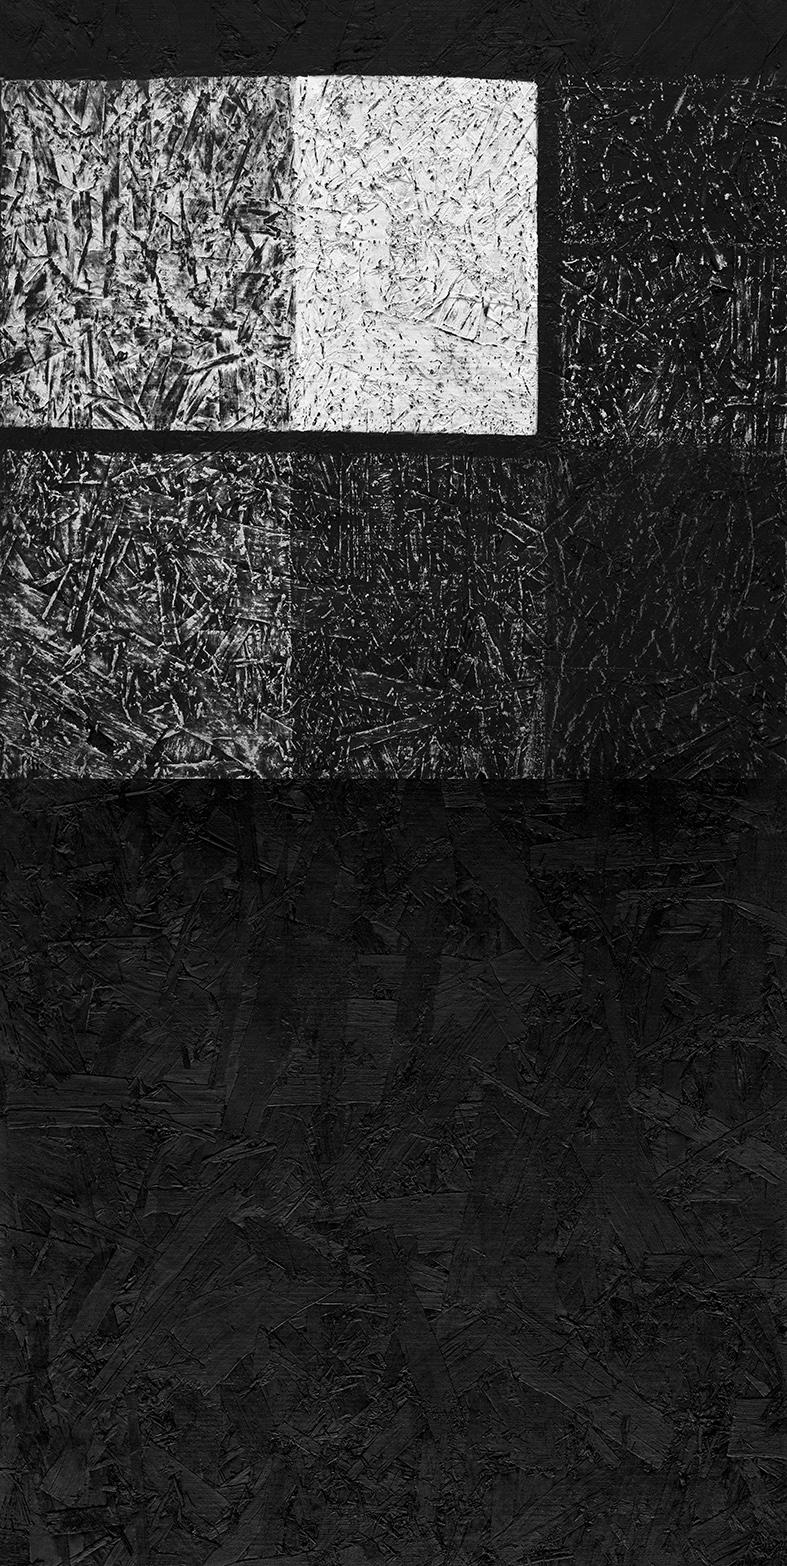 composition 08